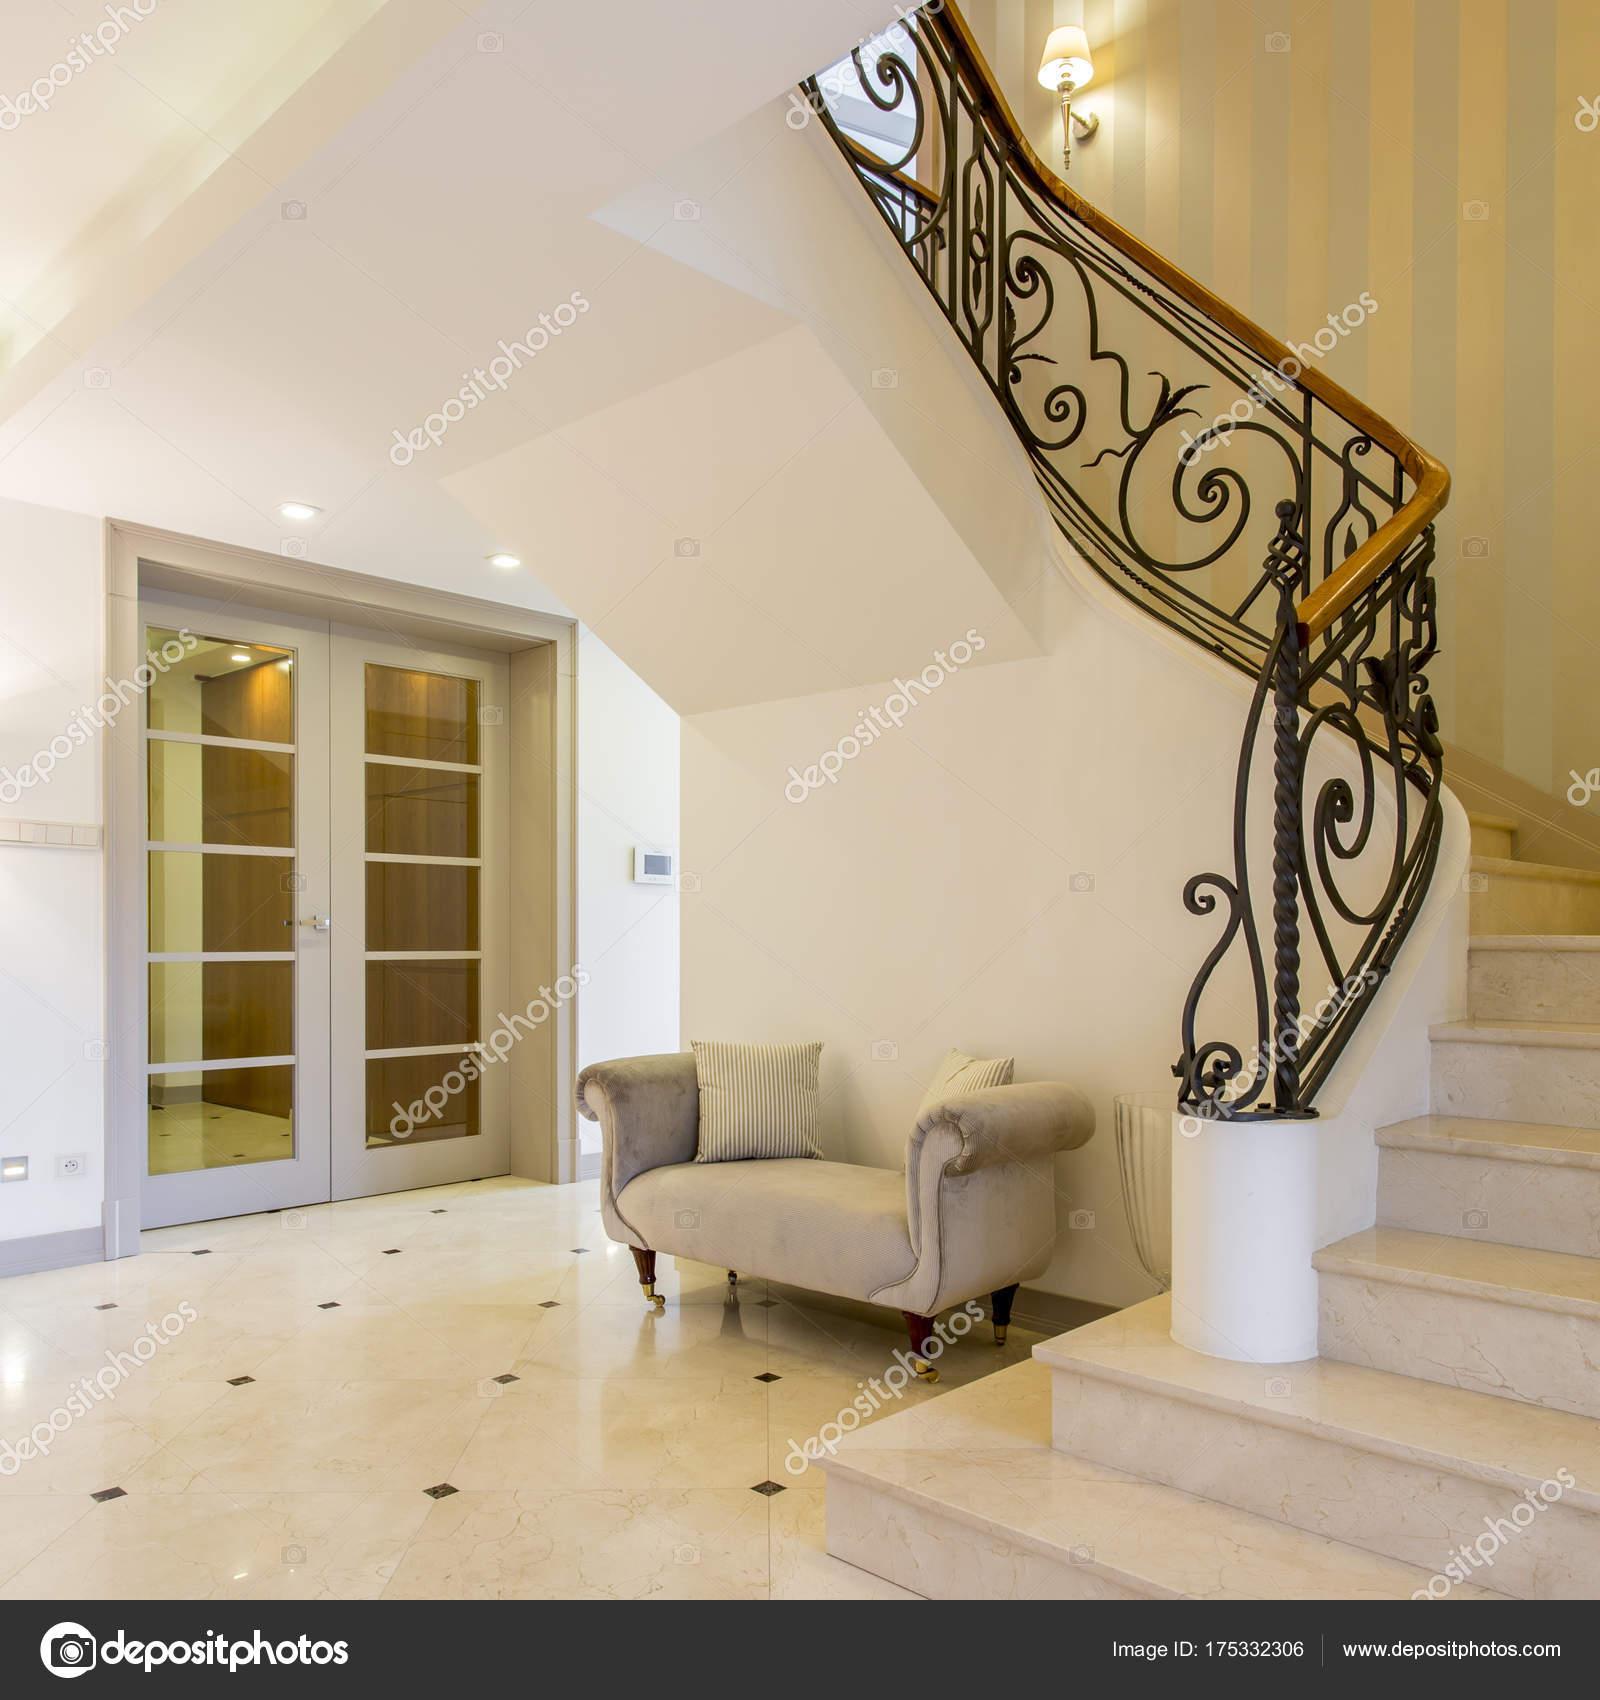 Enthralling Schöne Treppen Gallery Of Helle Luxuriöse Flur Mit Glänzenden Kacheln Und